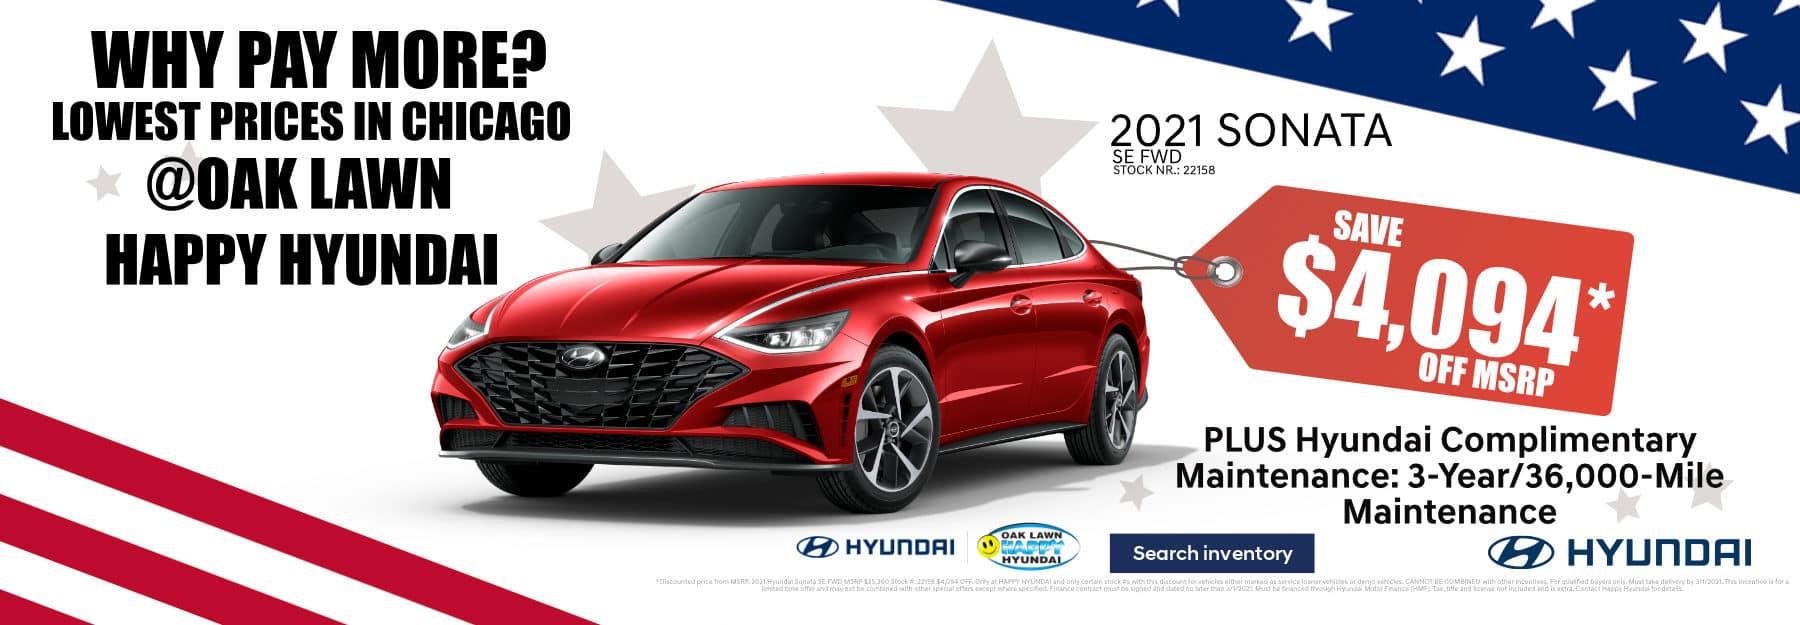 R_Februaray_2021_Happy_Hyundai_Sonata_Single